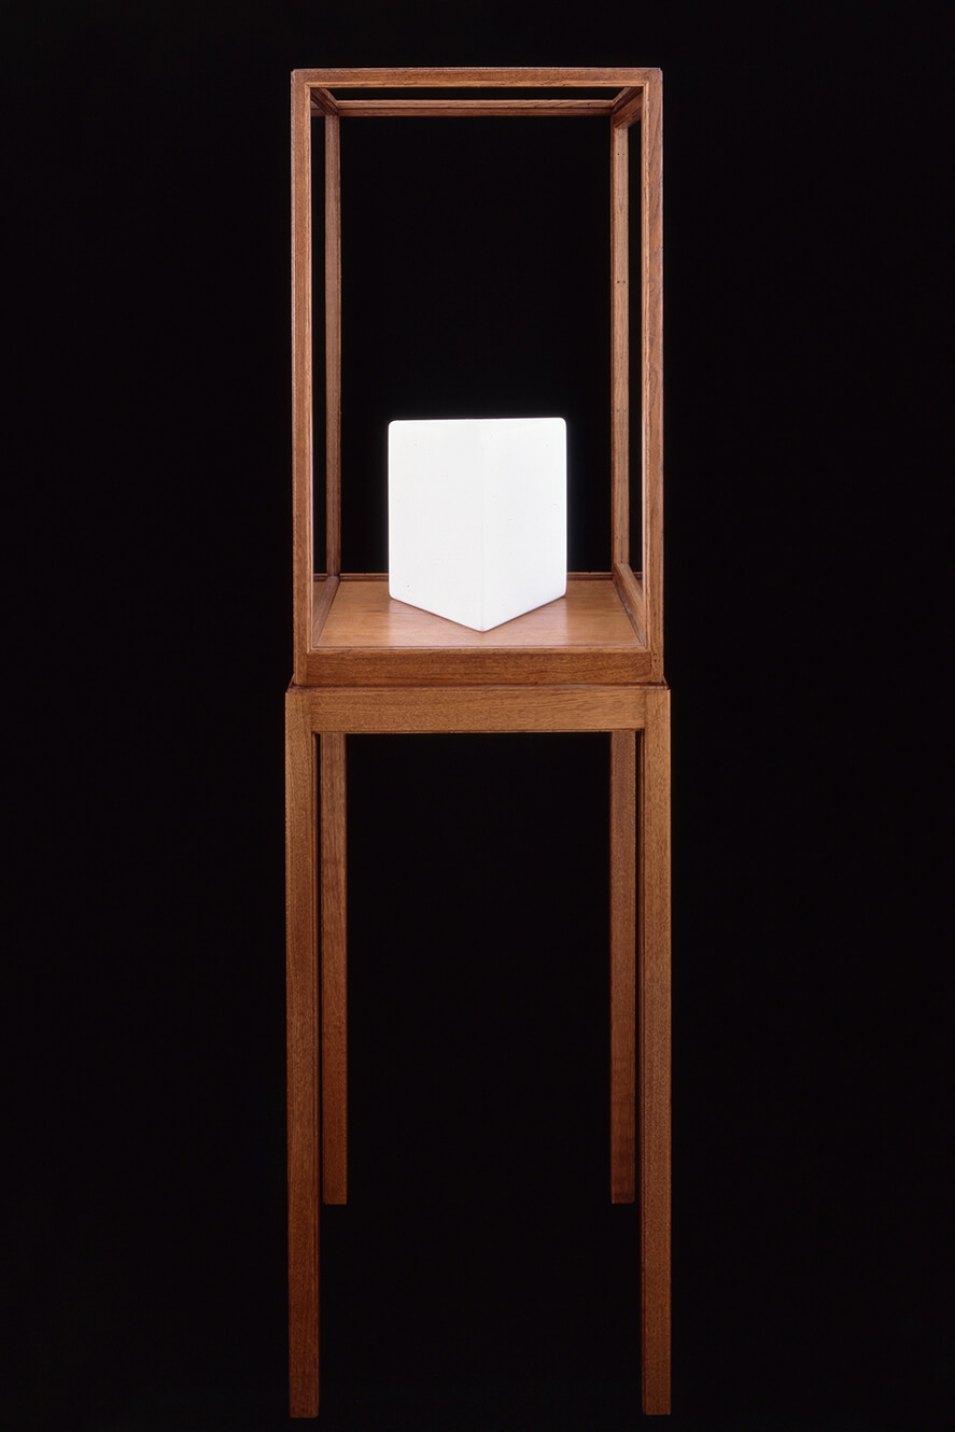 James Lee Byars,<em>The Triangle Book</em>, 1990,marble,27 × 27 × 27 cm - Mendes Wood DM